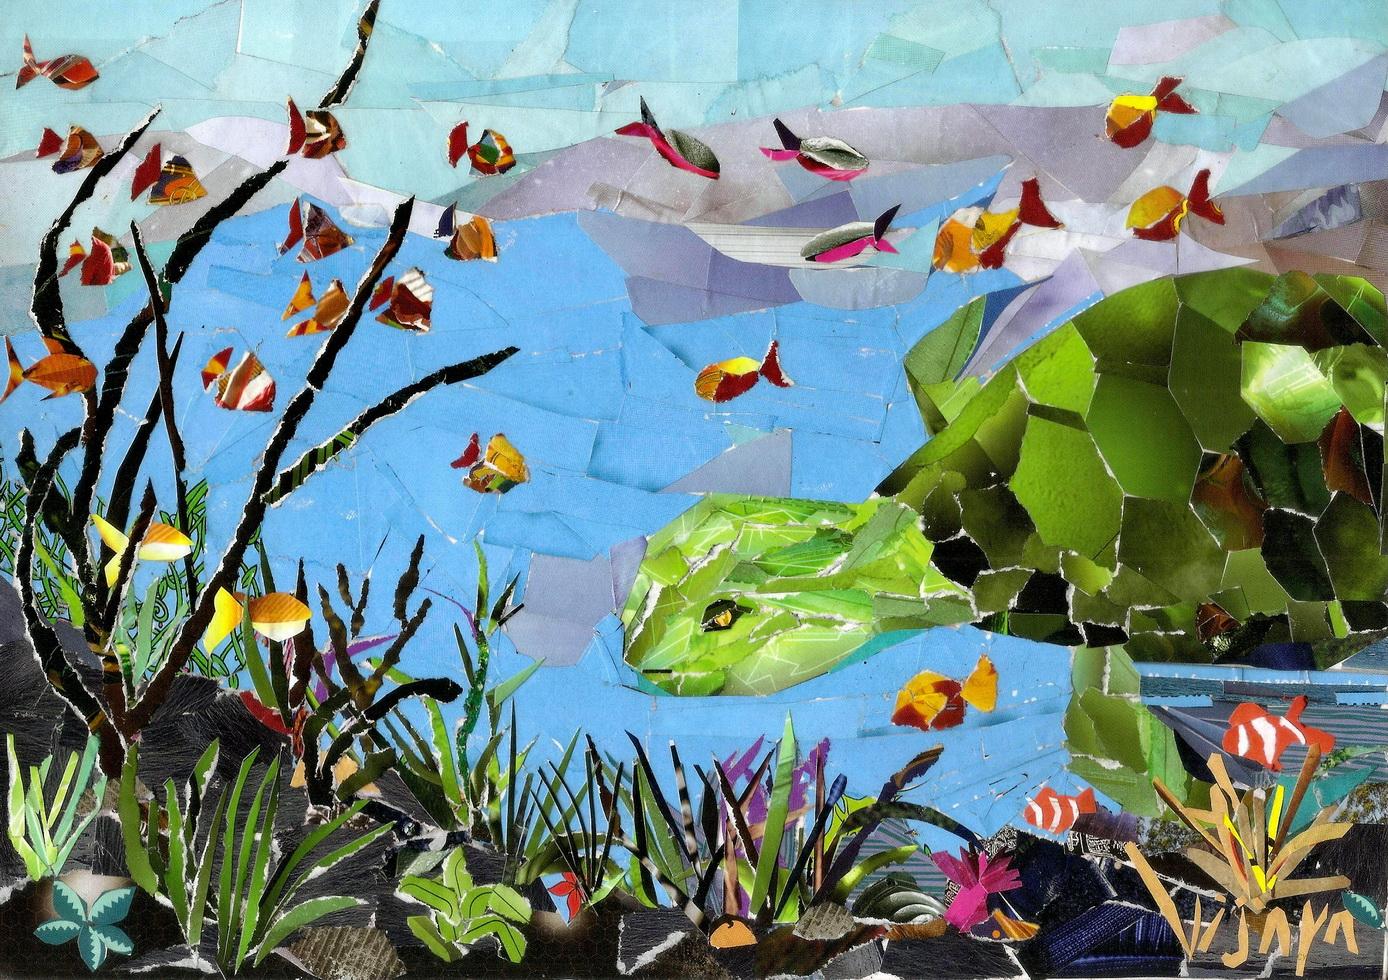 http://4.bp.blogspot.com/-ieEaaUMXdDY/TowTlhPthmI/AAAAAAAAA-0/Kcy137OEURU/s1600/Green_Turtle_Reef+resize.jpg